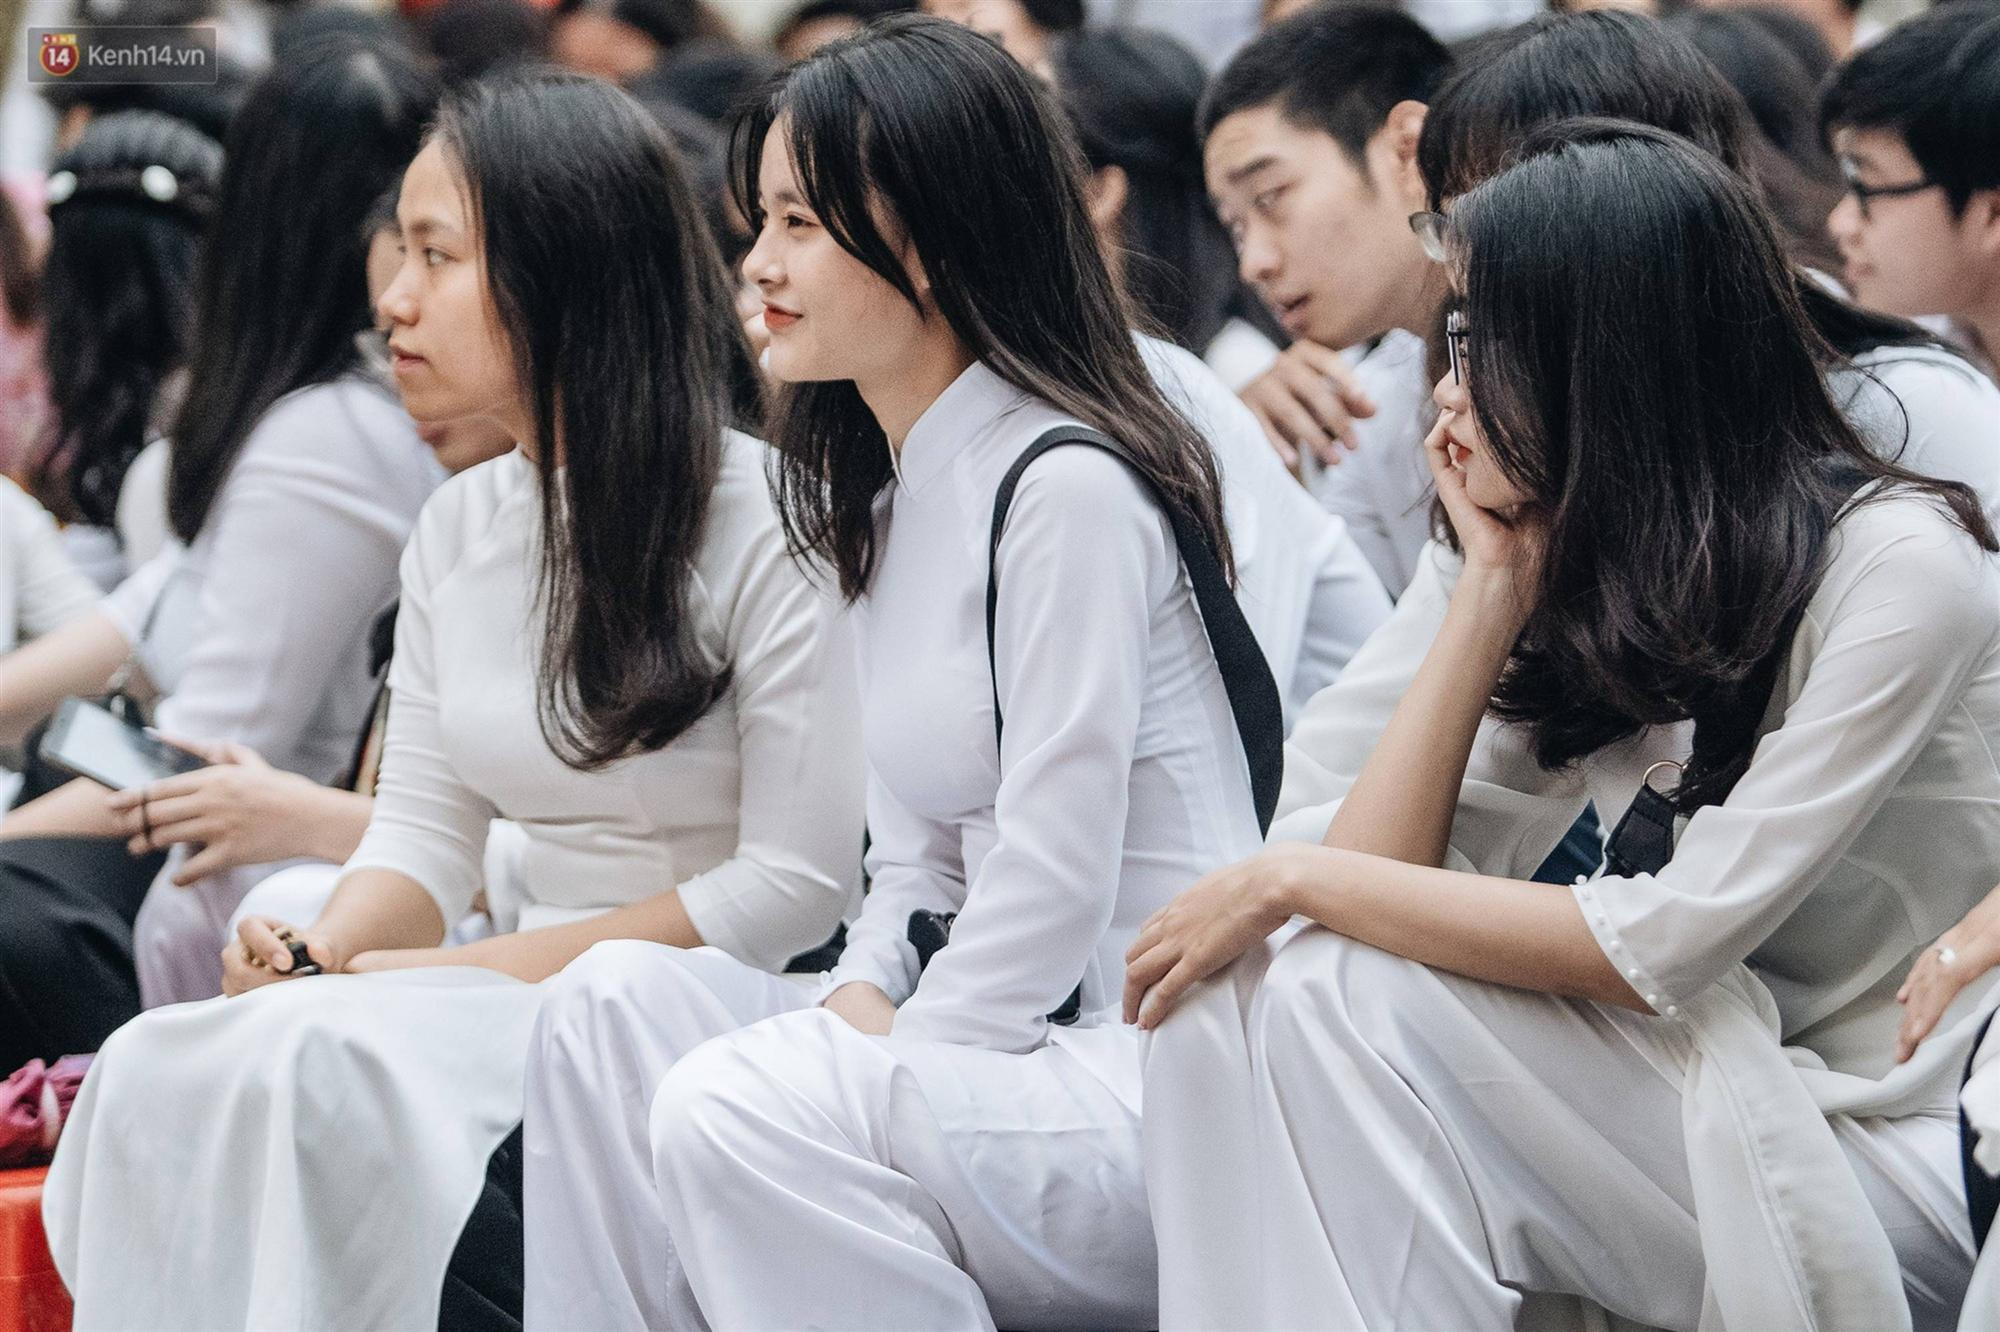 Mặc áo dài trắng đội mưa dự lễ bế giảng, dàn nữ sinh ngôi trường này gây thương nhớ vì quá xinh xắn-6